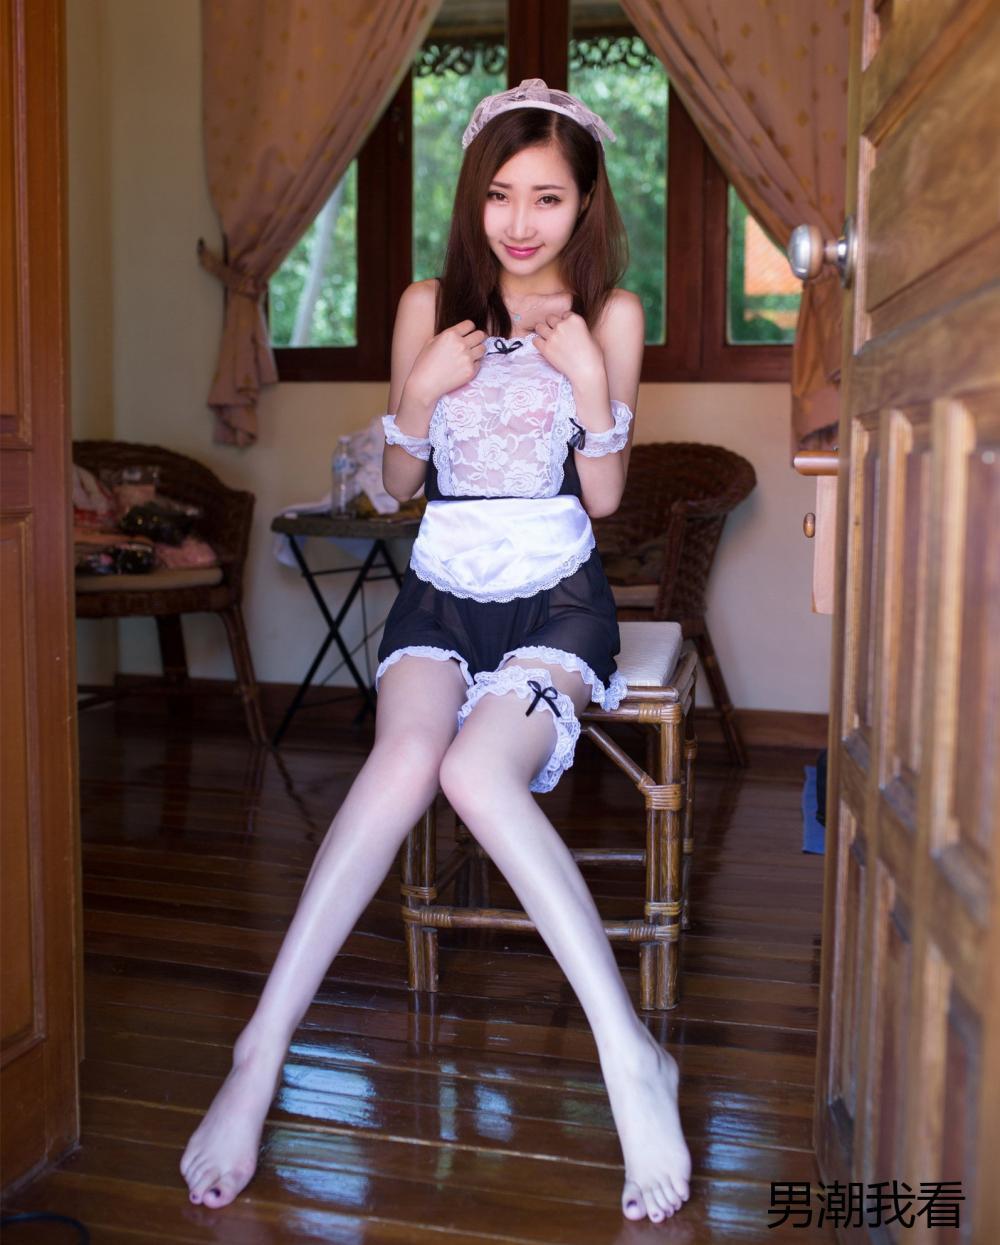 漂亮的黑白蕾丝连衣裙也比不上美女的妖娆身姿那么吸引眼球